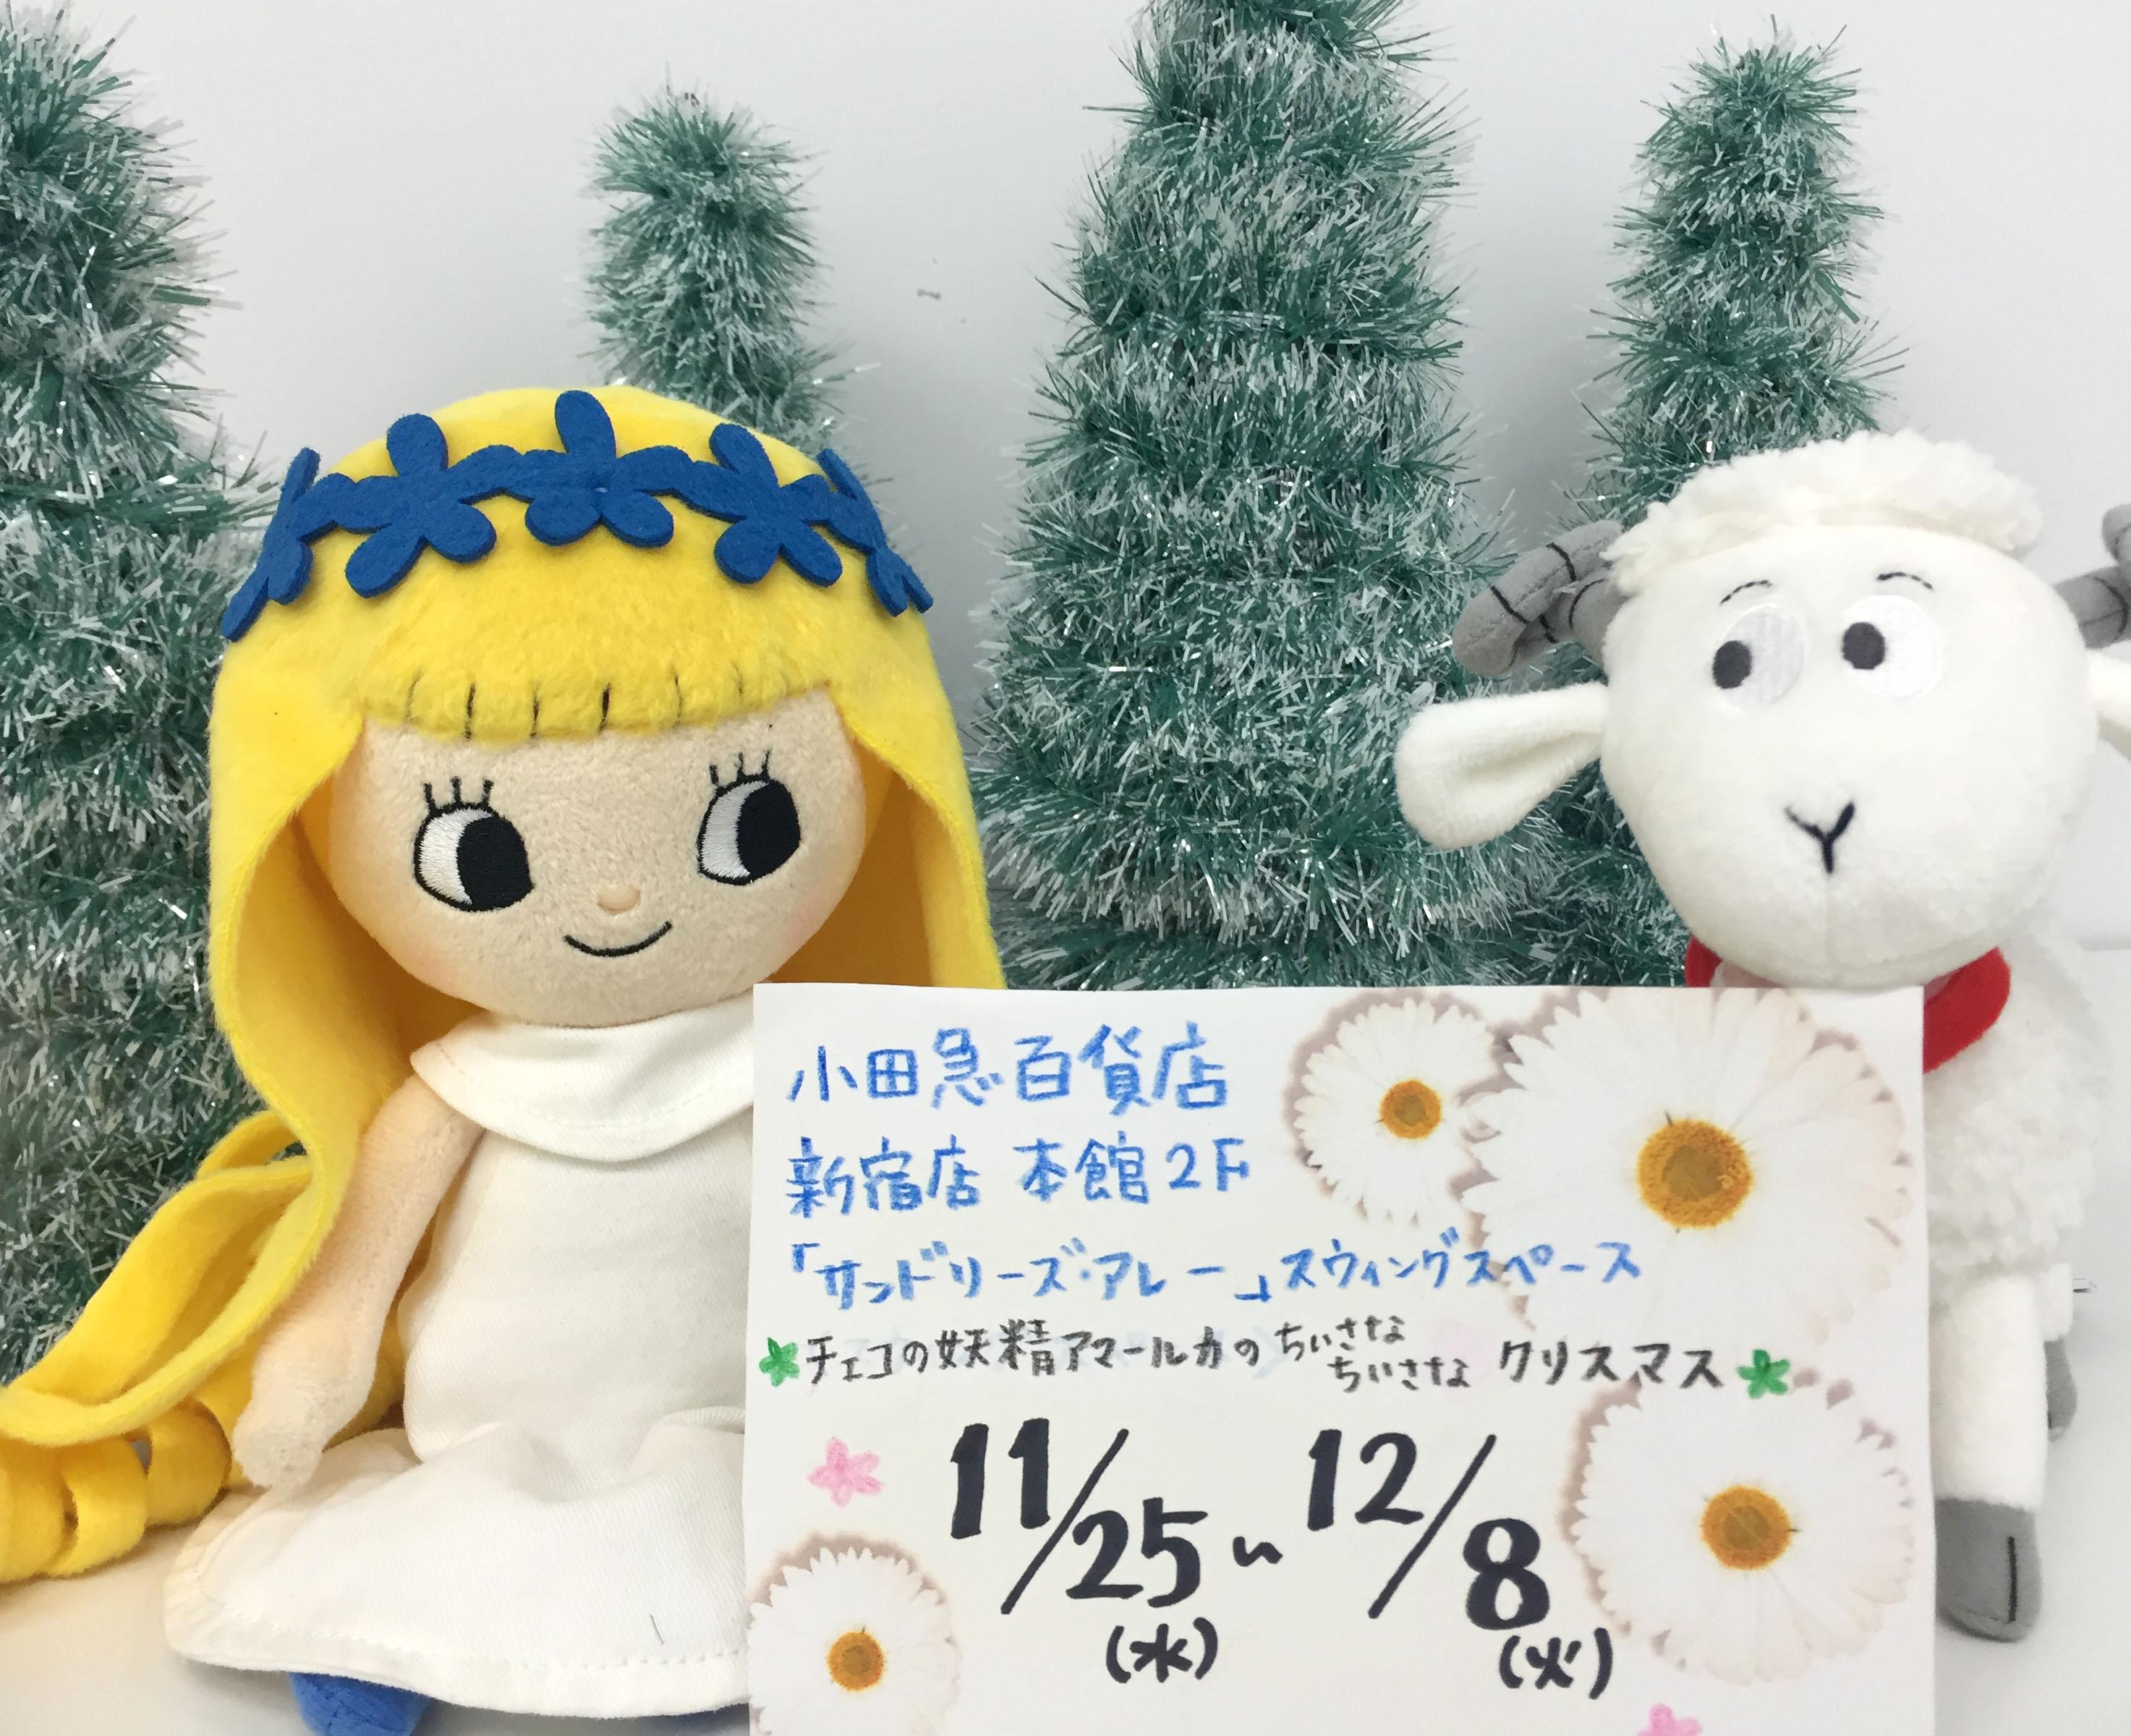 11/25~新宿の小田急百貨店にアマールカ登場!